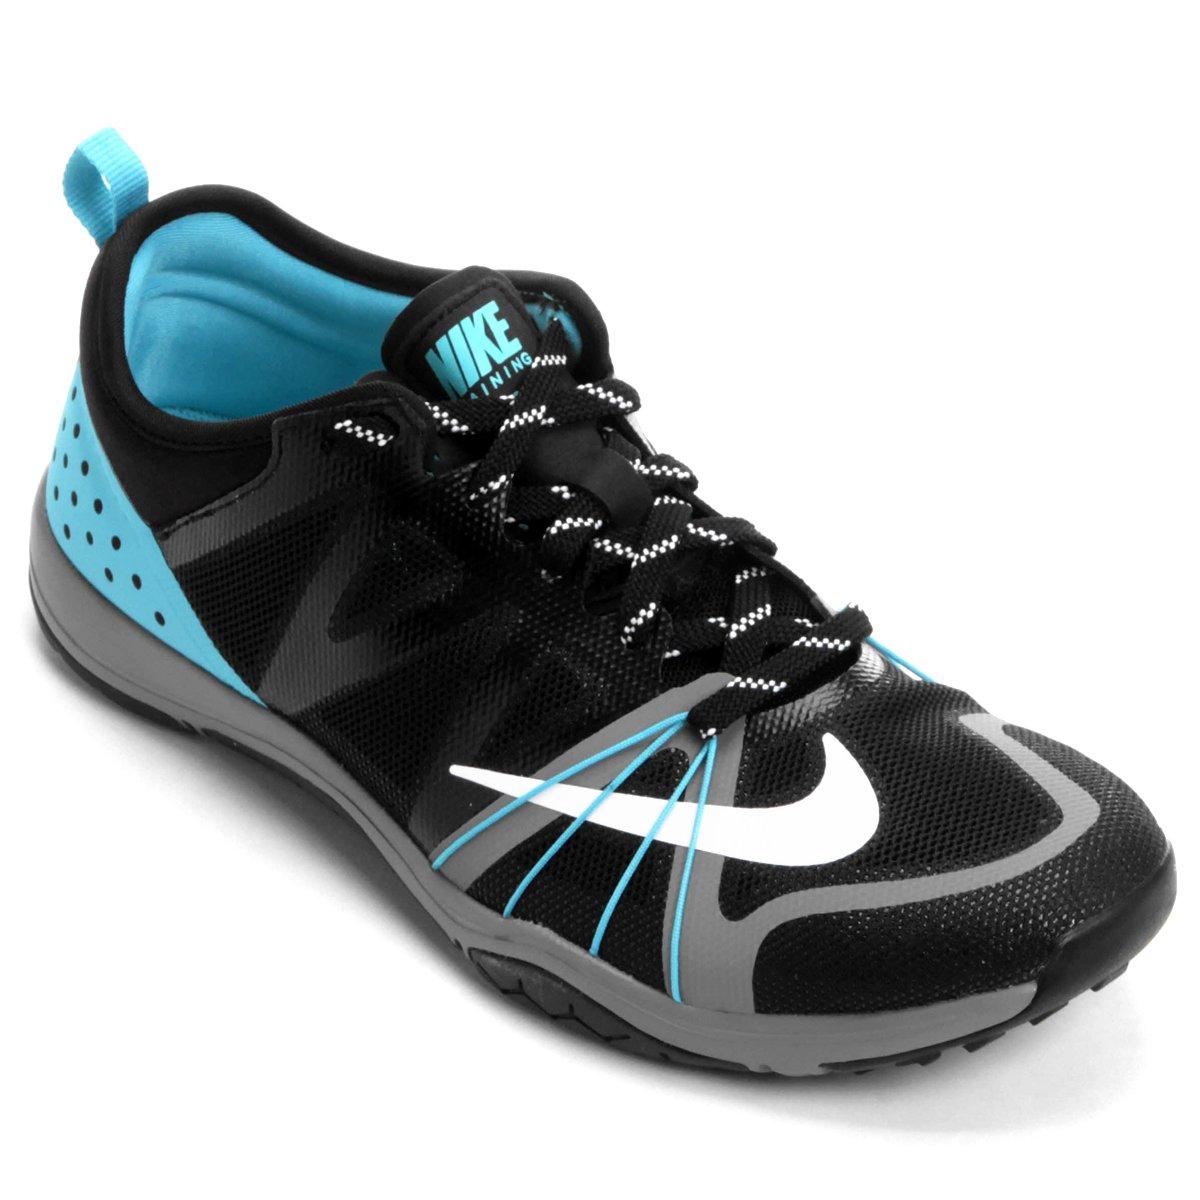 Tênis Nike Free Cross Compete Feminino - Compre Agora  bda641c5a20bd